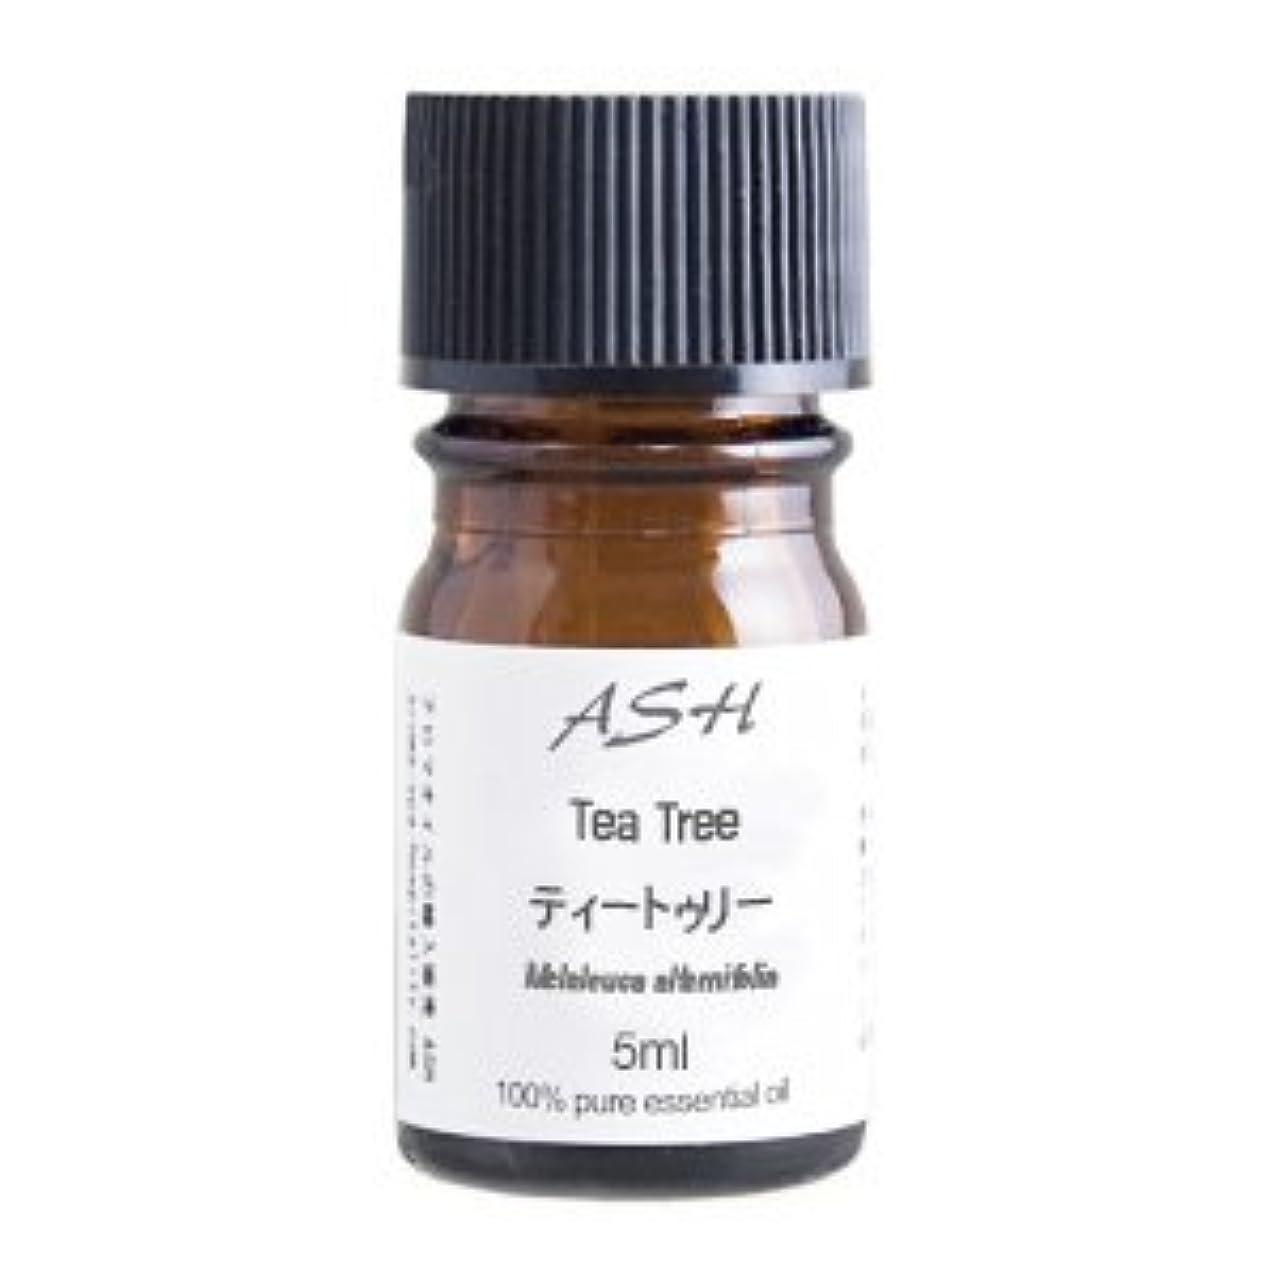 褒賞定常同化ASH ティートゥリー (ティーツリー) エッセンシャルオイル 5ml AEAJ表示基準適合認定精油